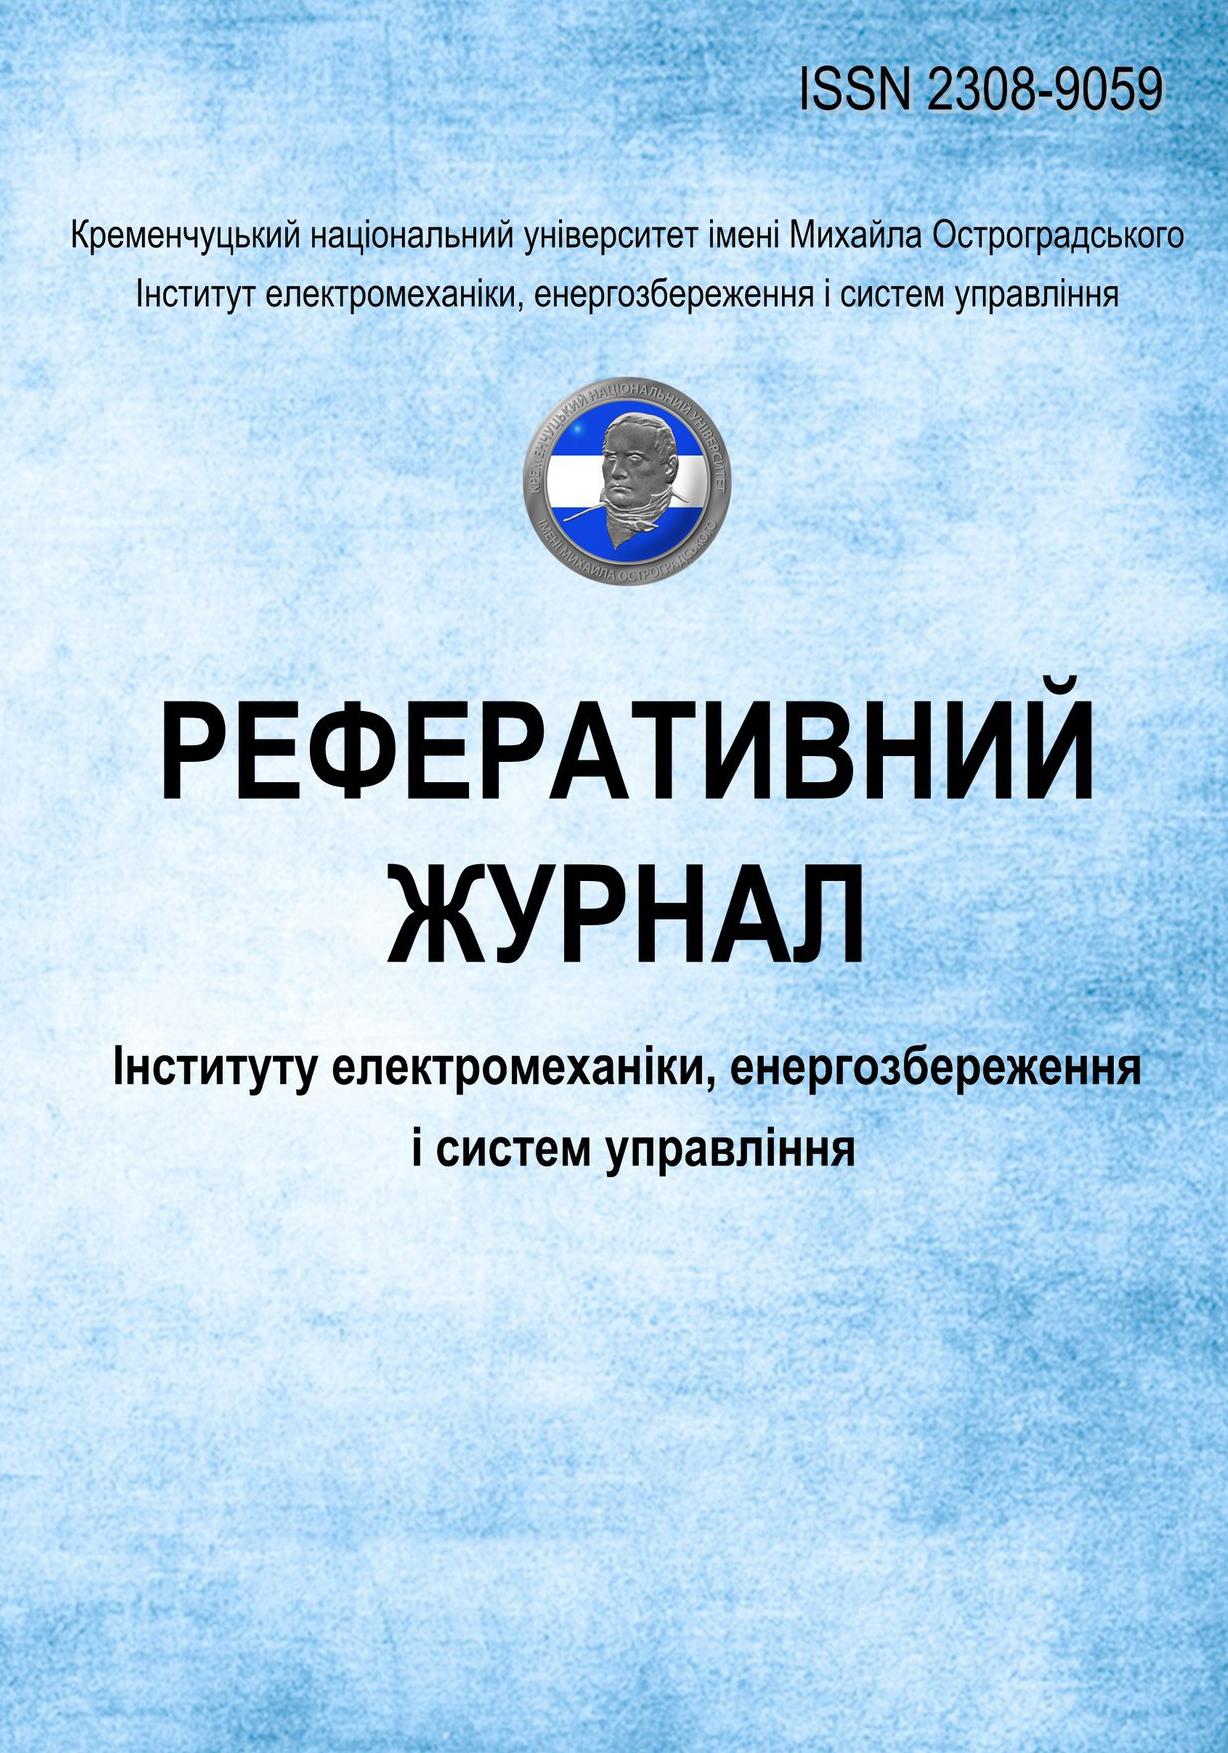 Oblozhka_zhurnala1